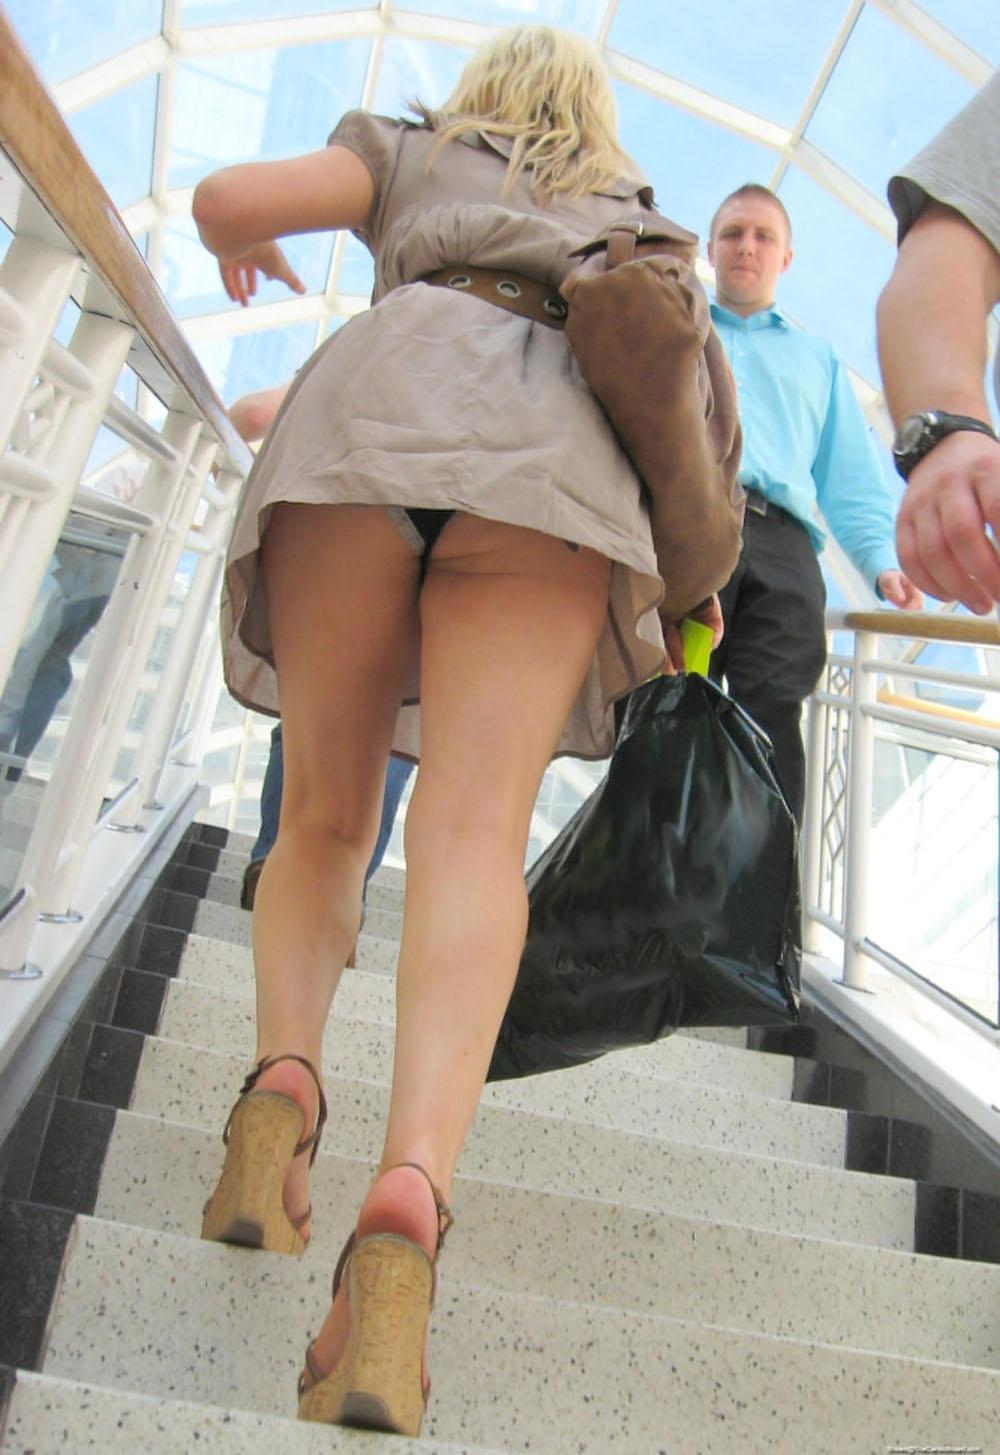 女子大生のパンチラ下着を逆さ盗撮したエロ画像5枚目